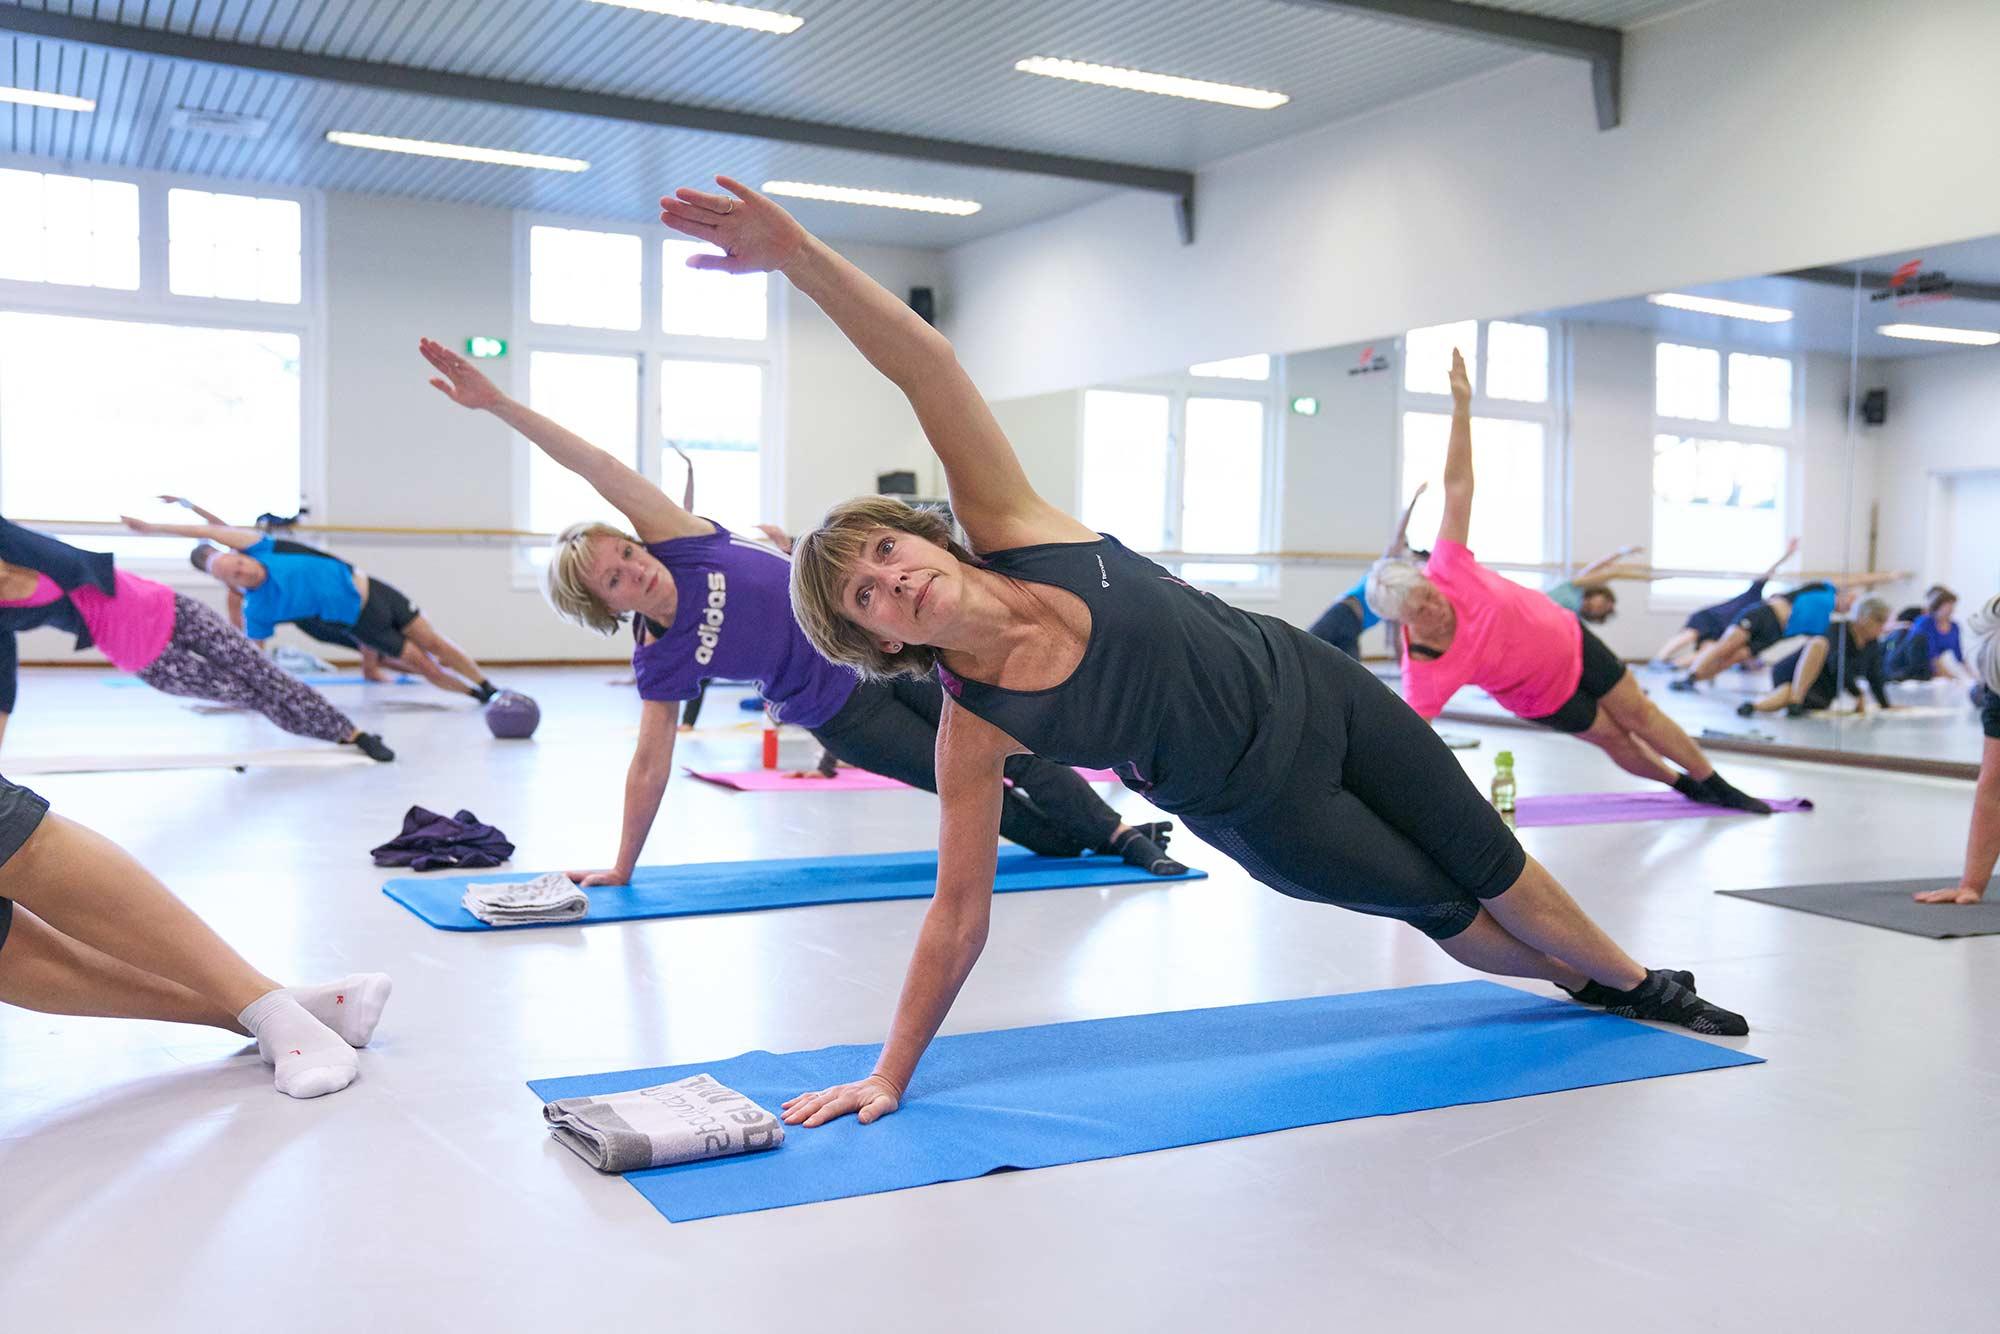 Voordelen van Pilates. Afbeelding over de voordelen van Pilates in Hoorn.